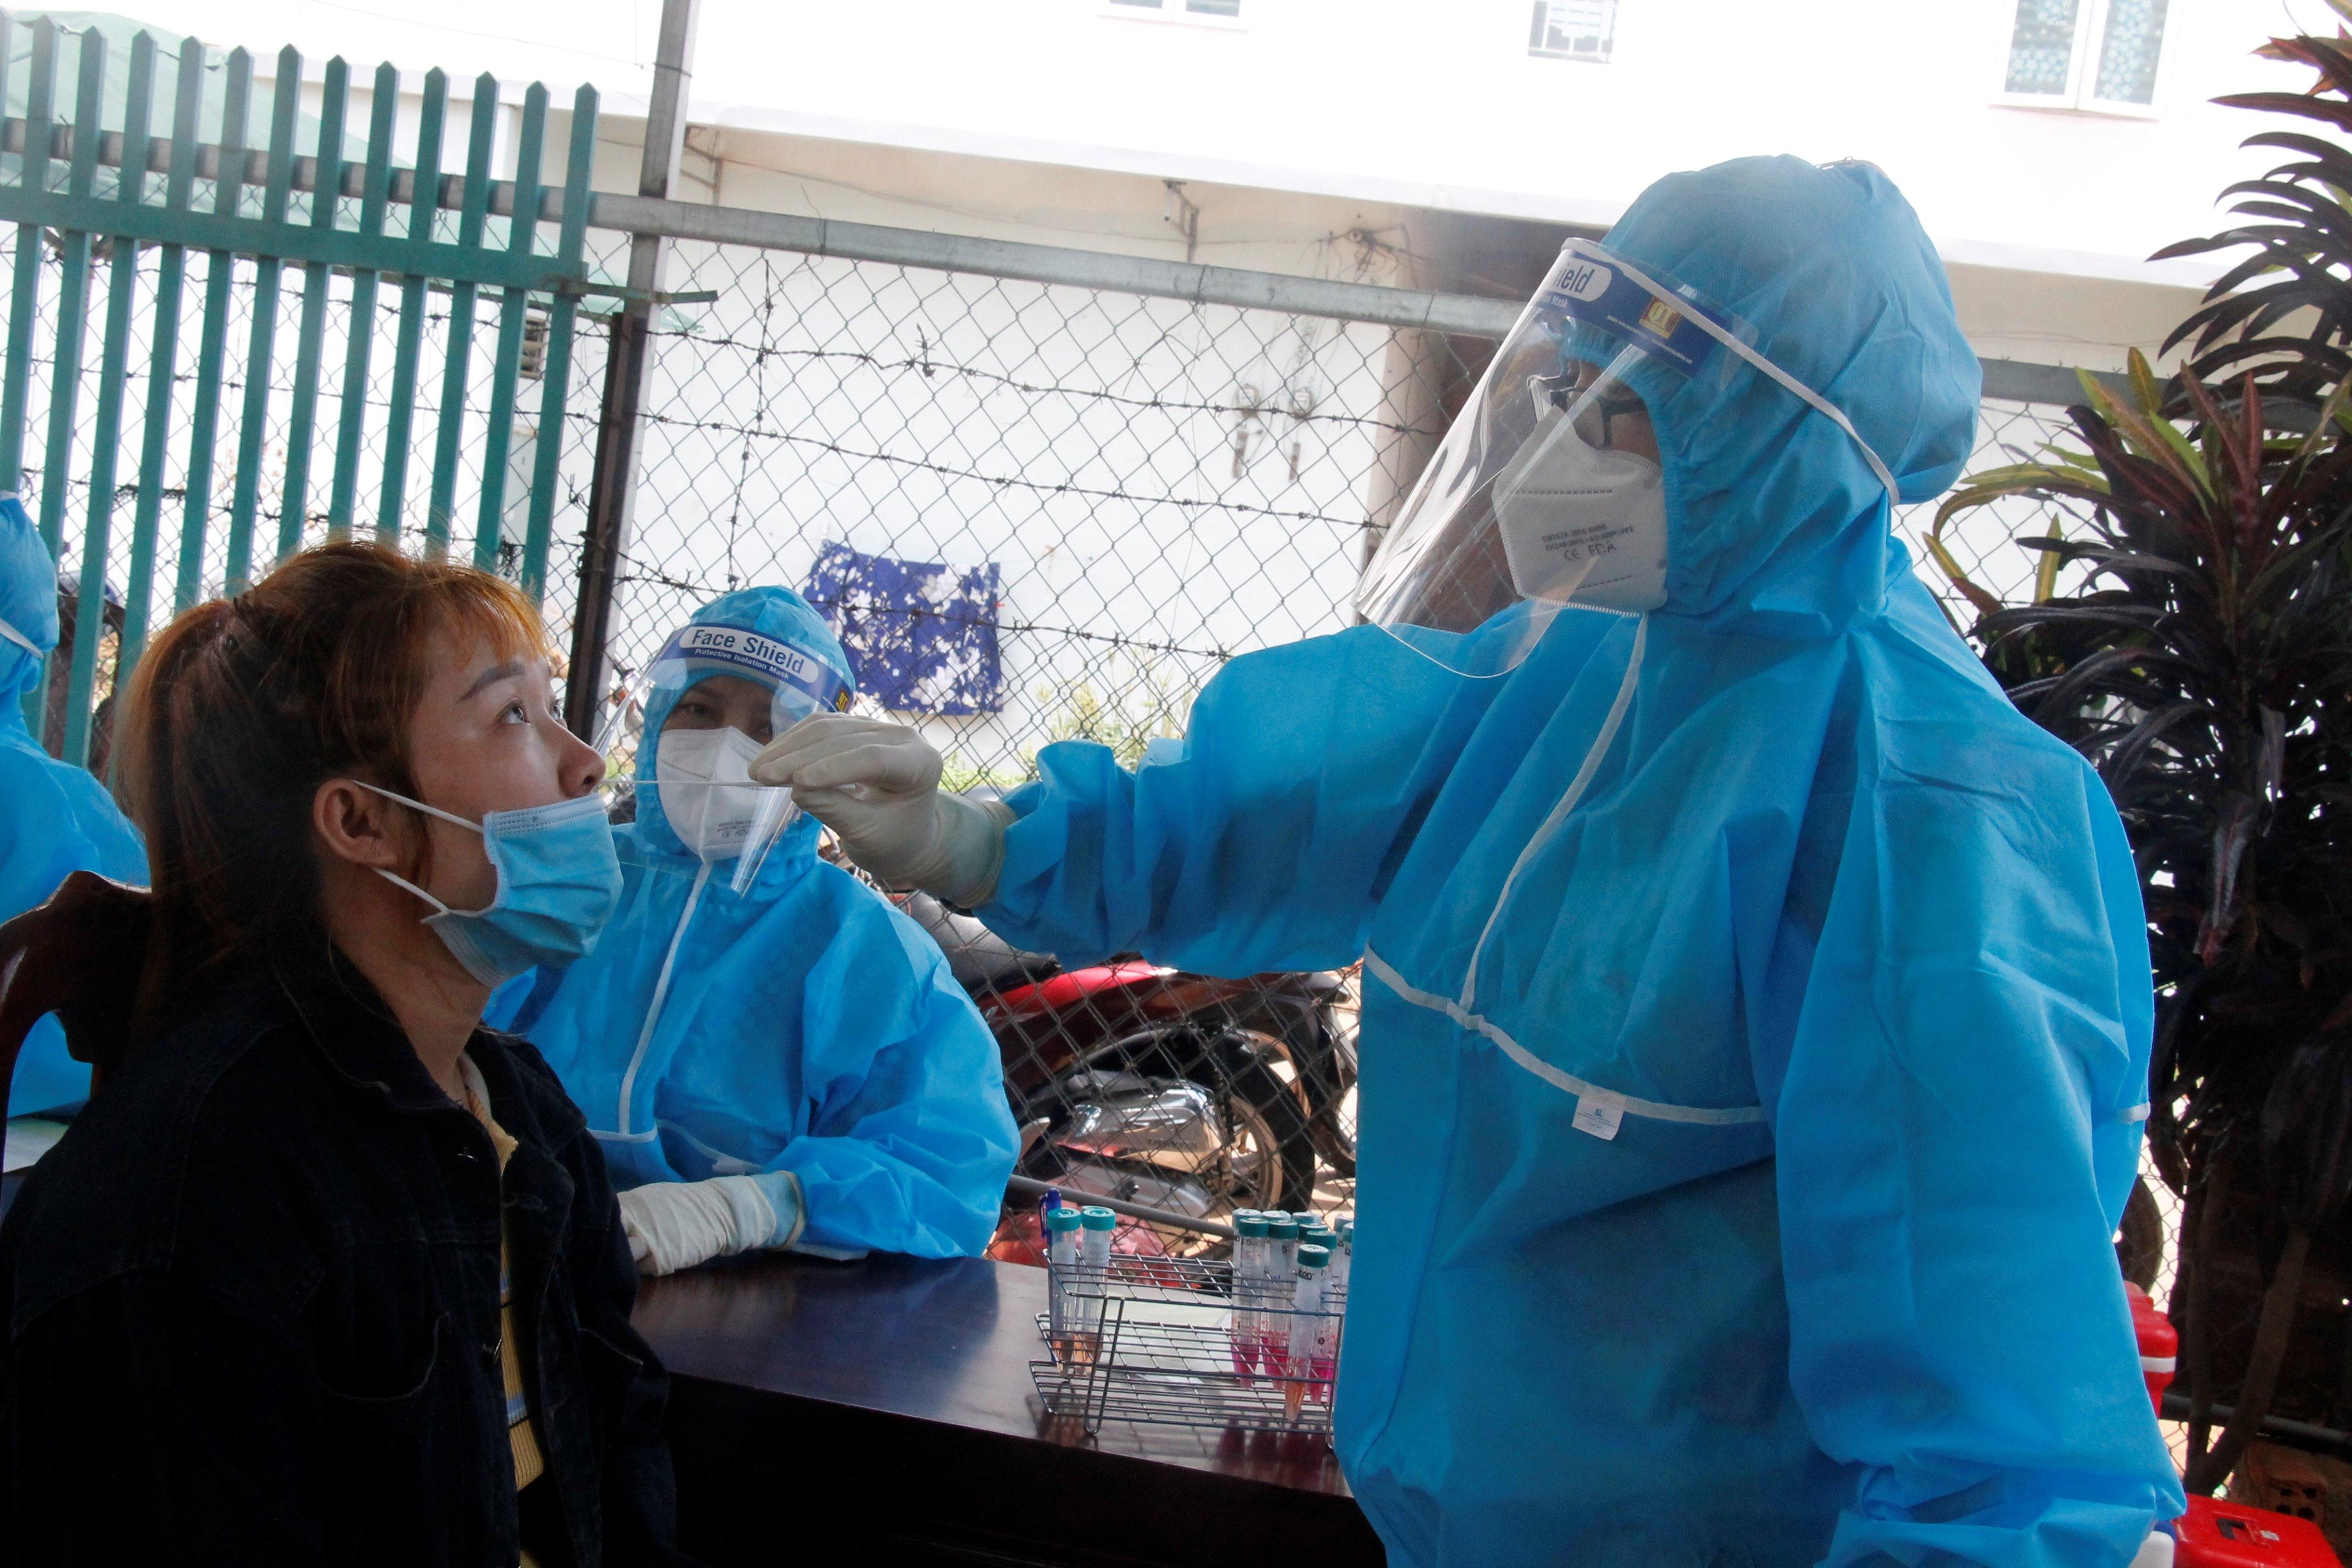 Đắk Lắk ghi nhận trường hợp thứ 2 dương tính với SARS-CoV-2